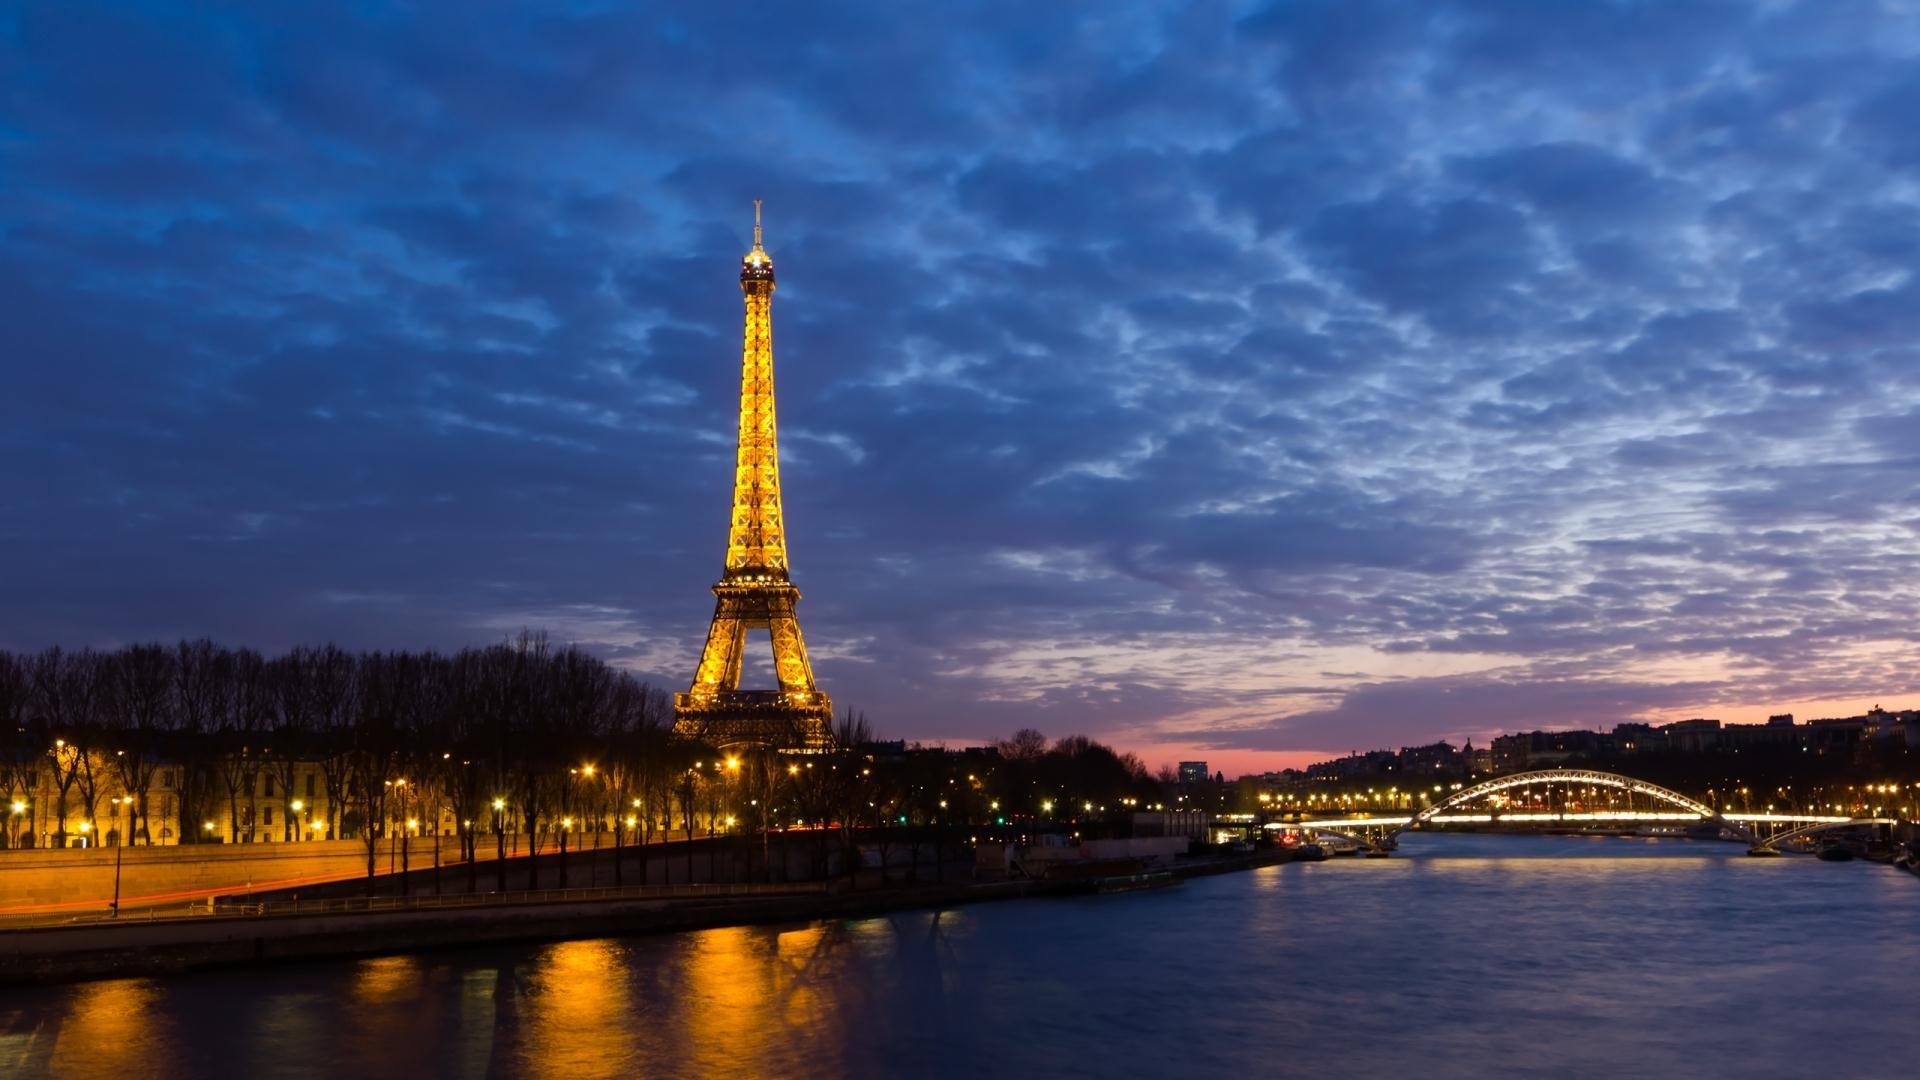 Beautiful Eiffel Tower At Night Wallpaper Hd Wallpaper Hd Wonderful